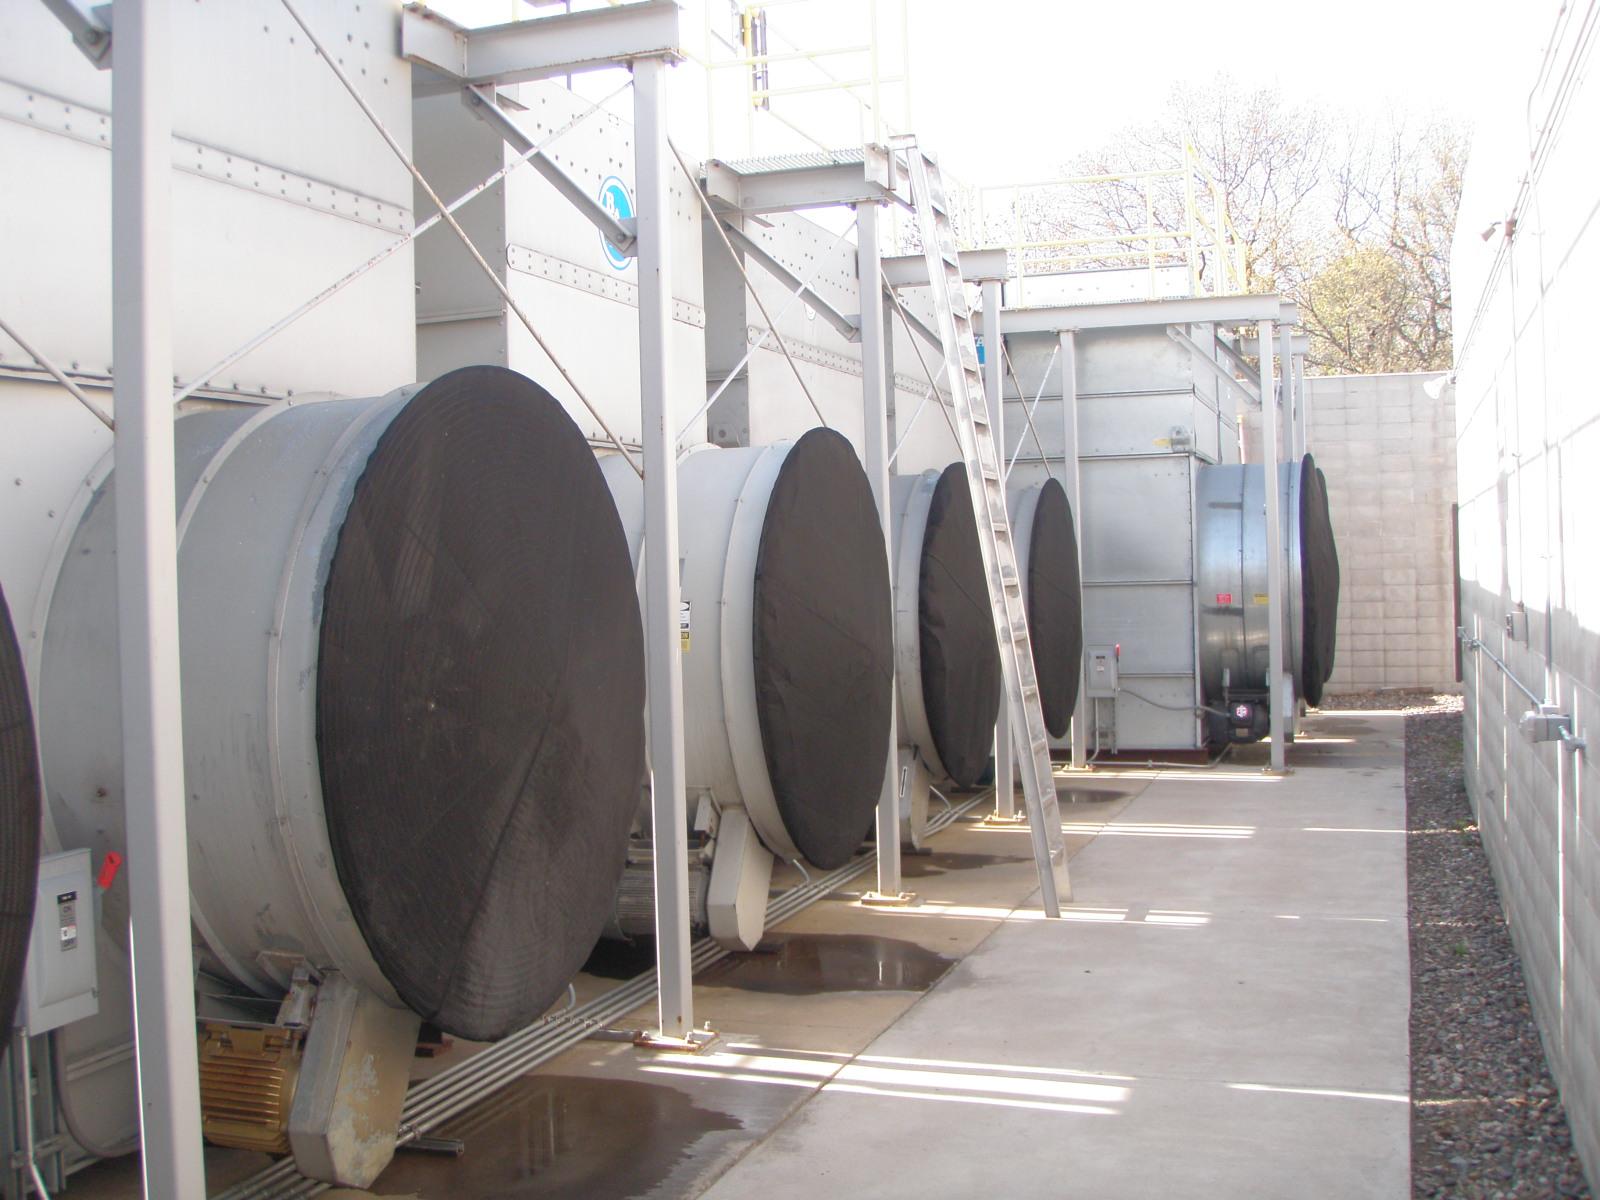 bonnet-filter-cooling-tower-intake-fans